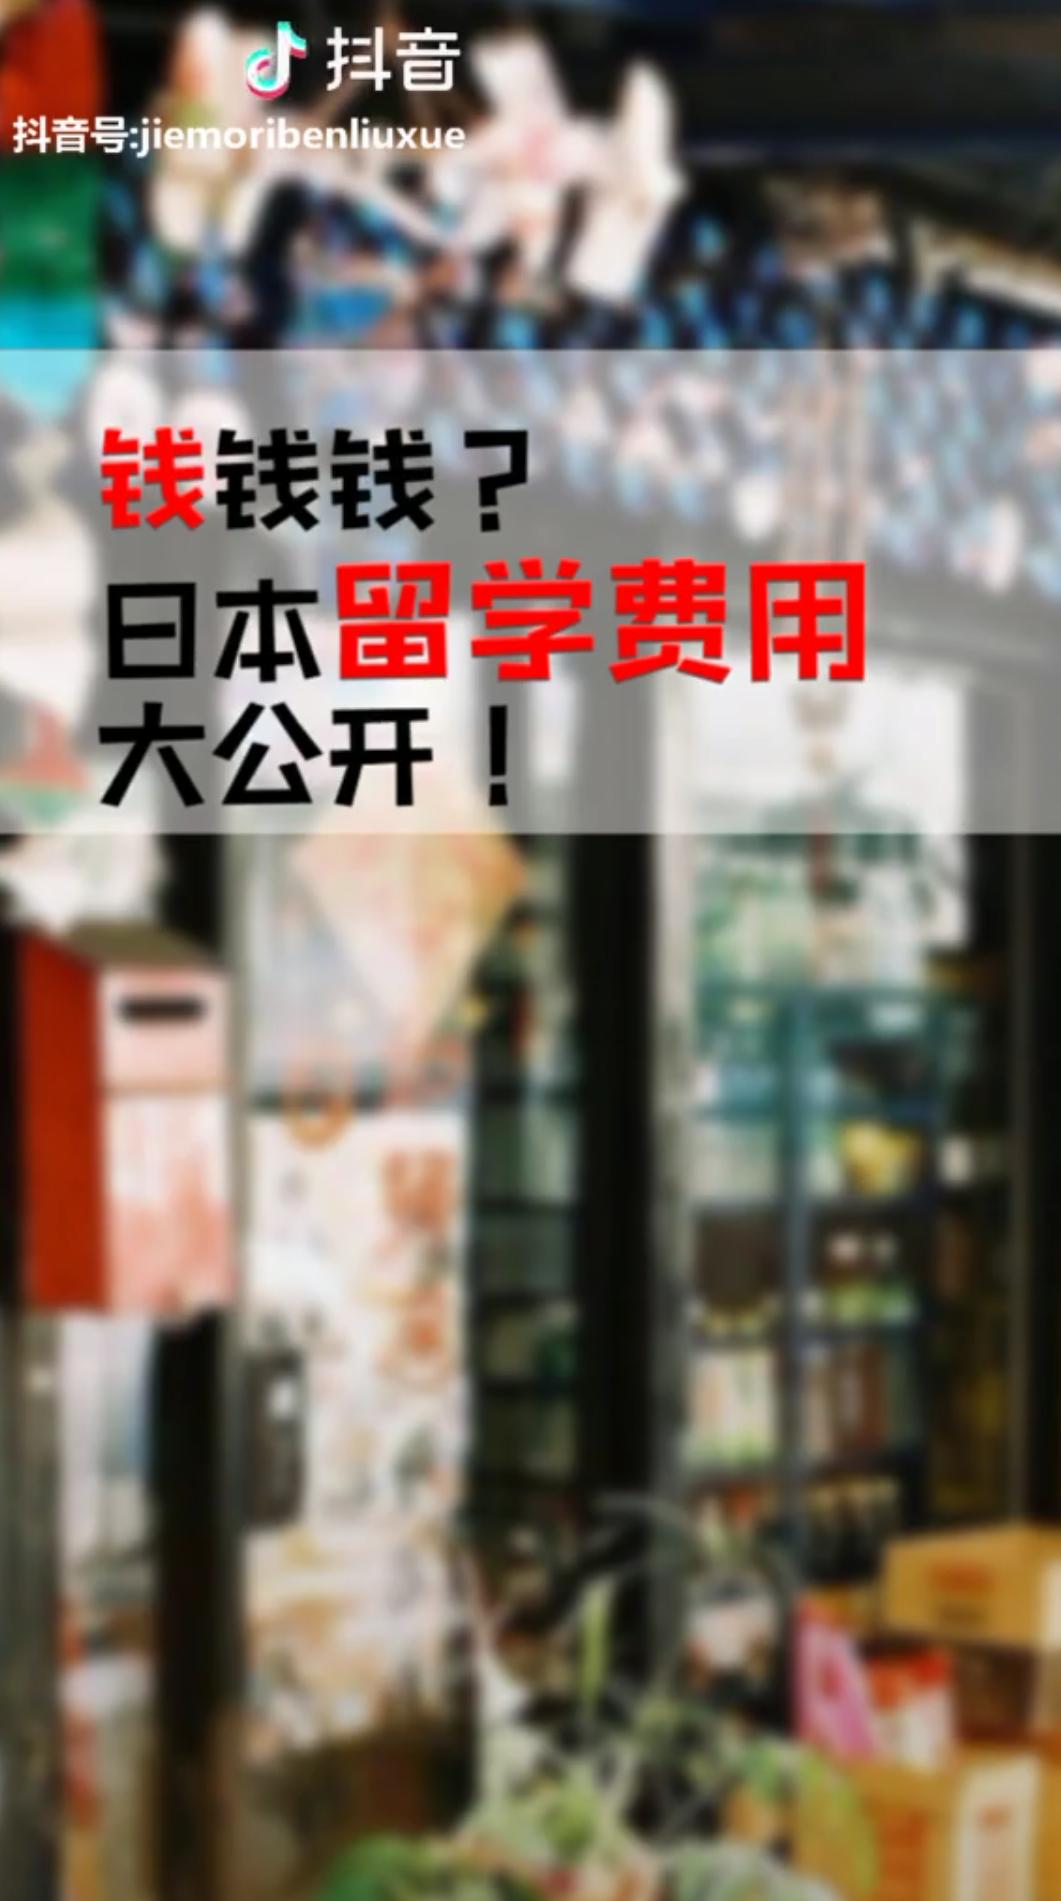 日本留学究竟需要多少钱?